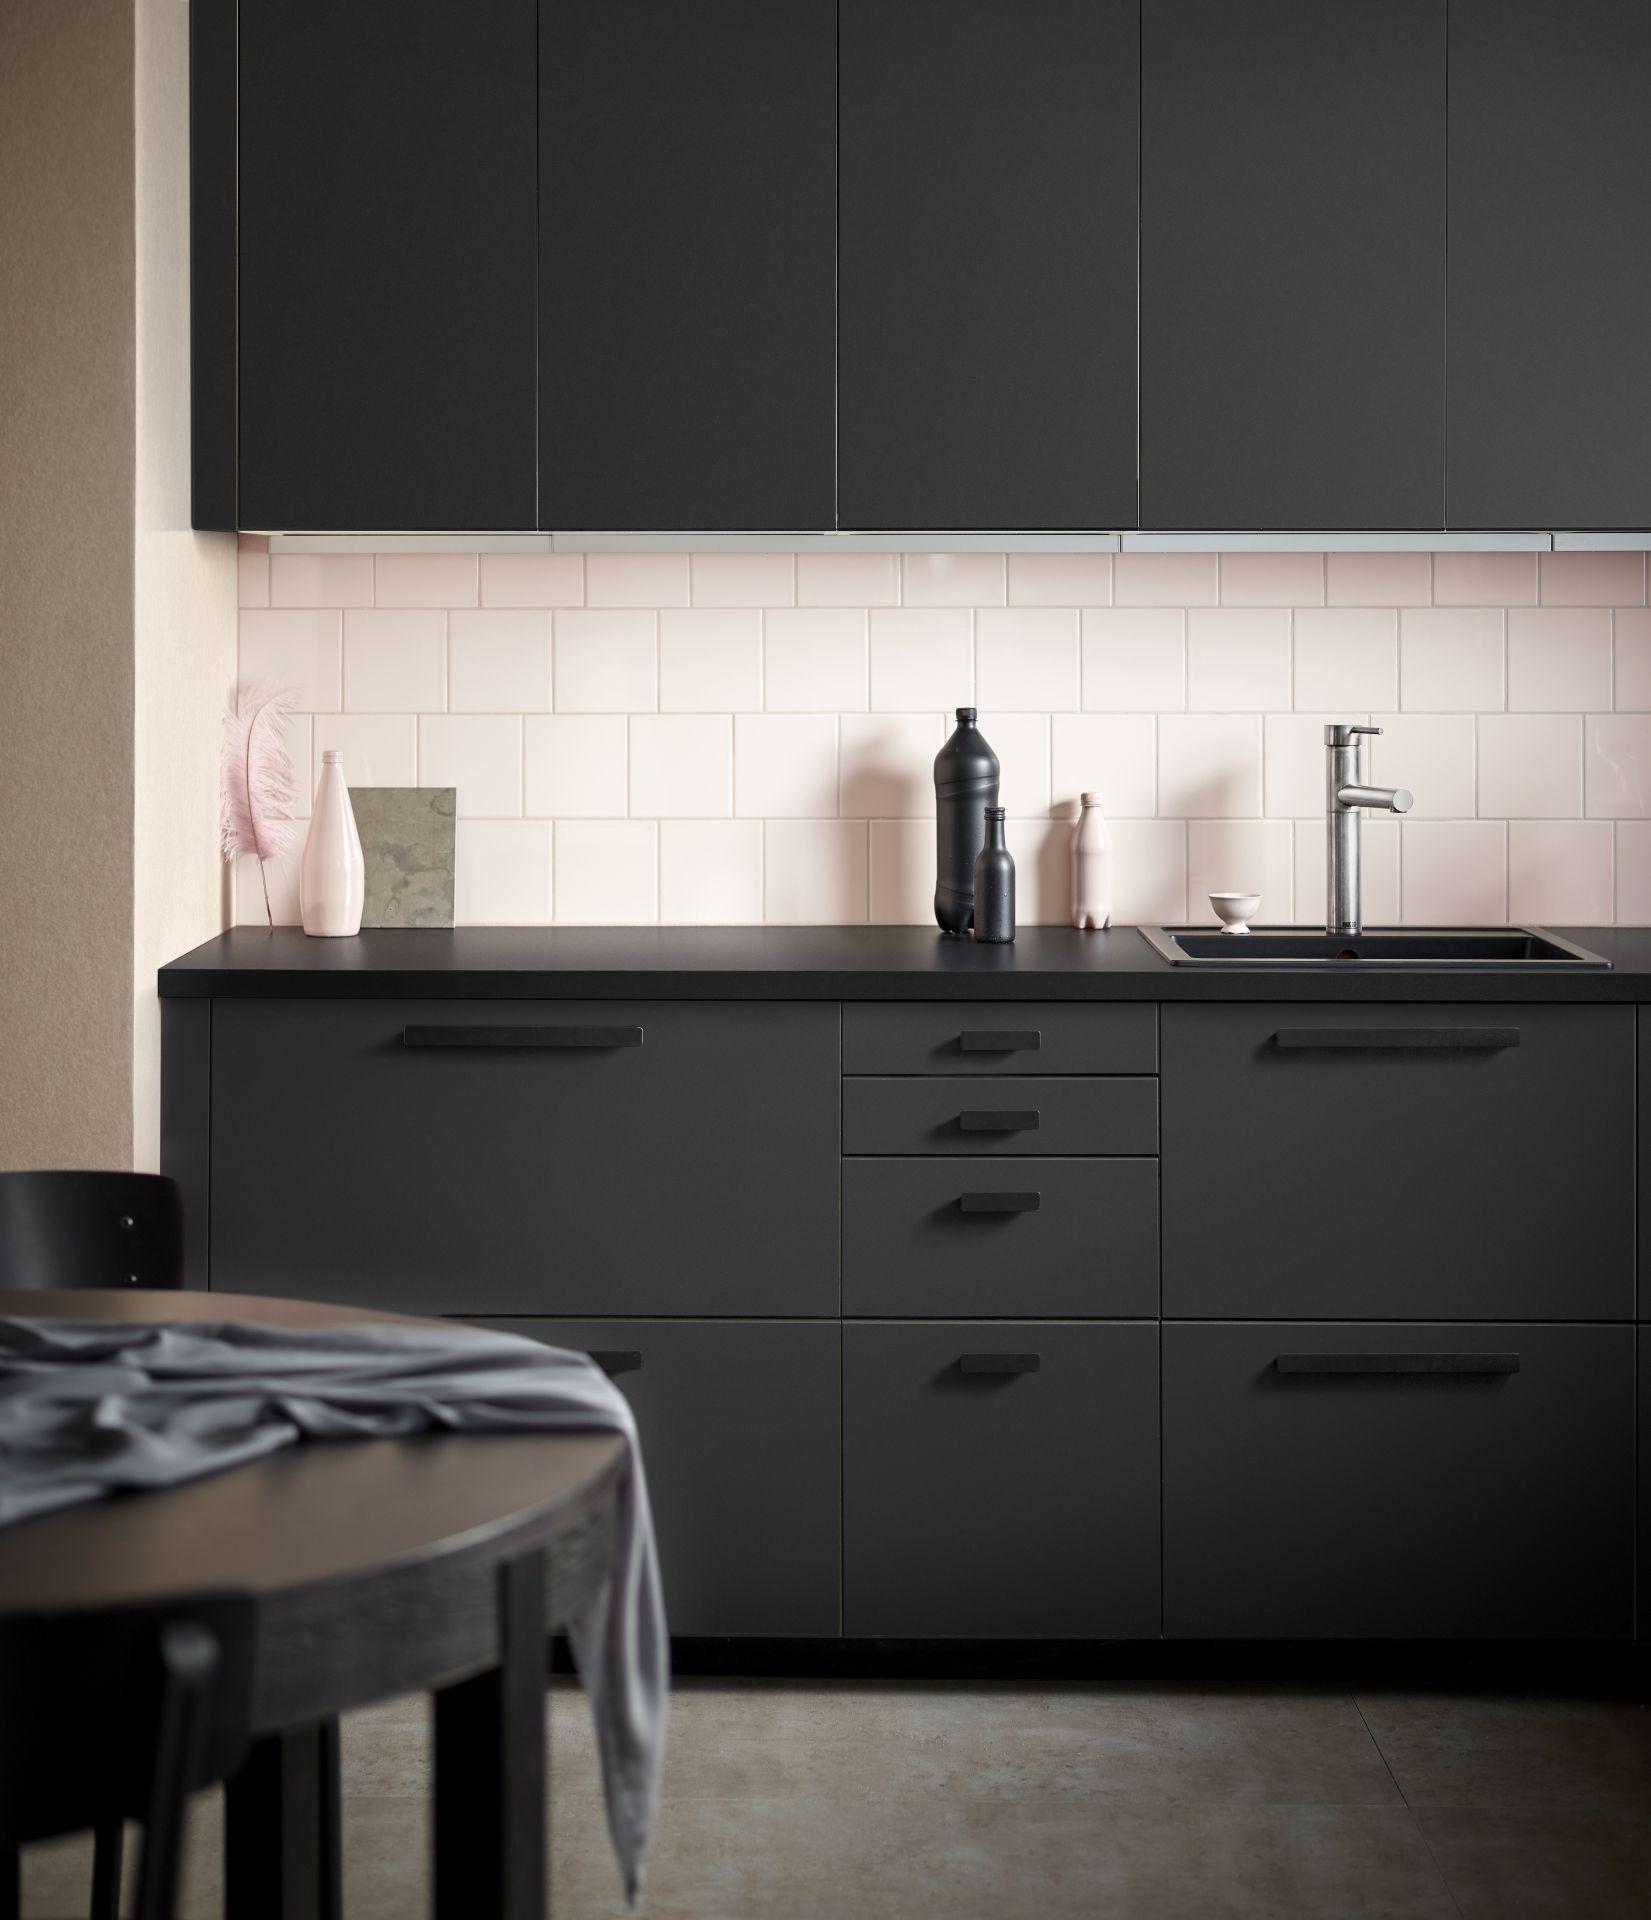 Ordentlich METOD / KUNGSBACKA keuken | IKEA IKEAnl IKEAnederland keuken  KB73